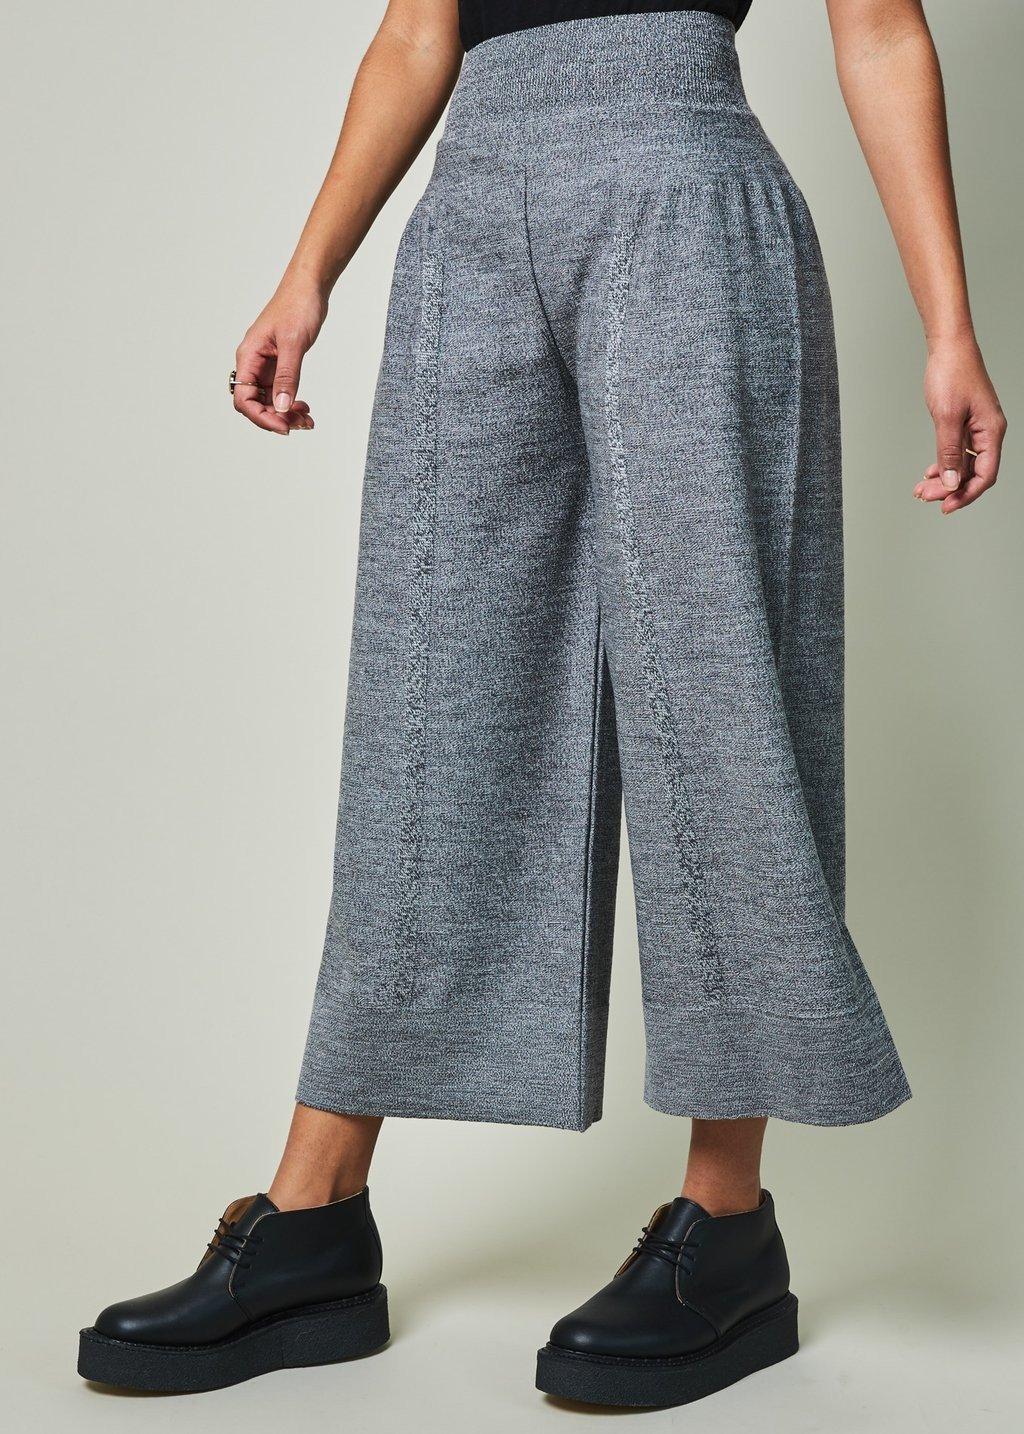 серые брюки-кюлоты и ботинки